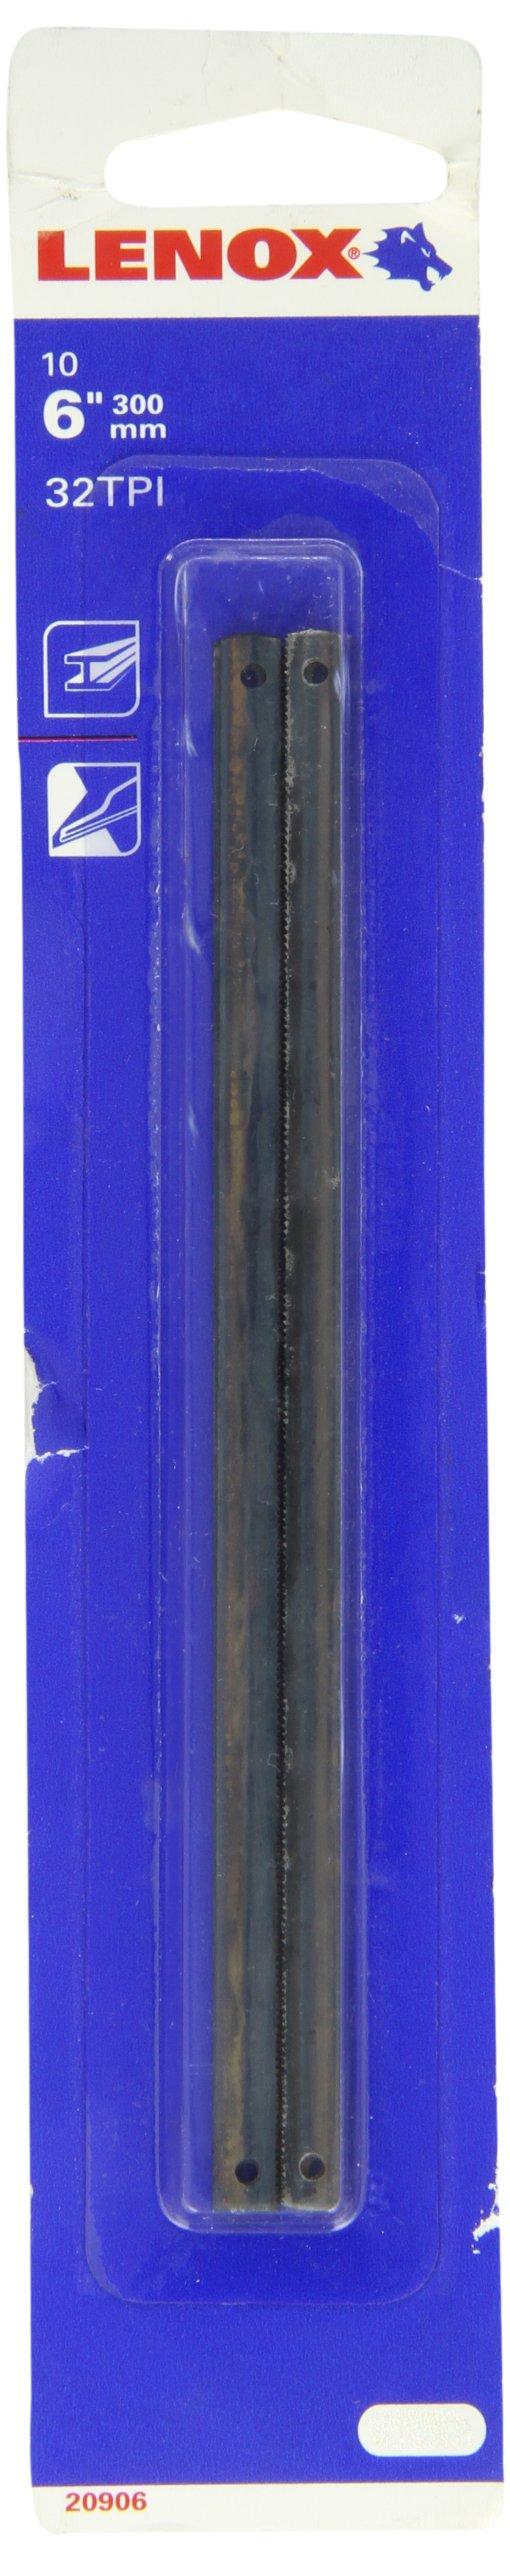 Lenox Industries 20906-906 Flush Cutting Saw Blade